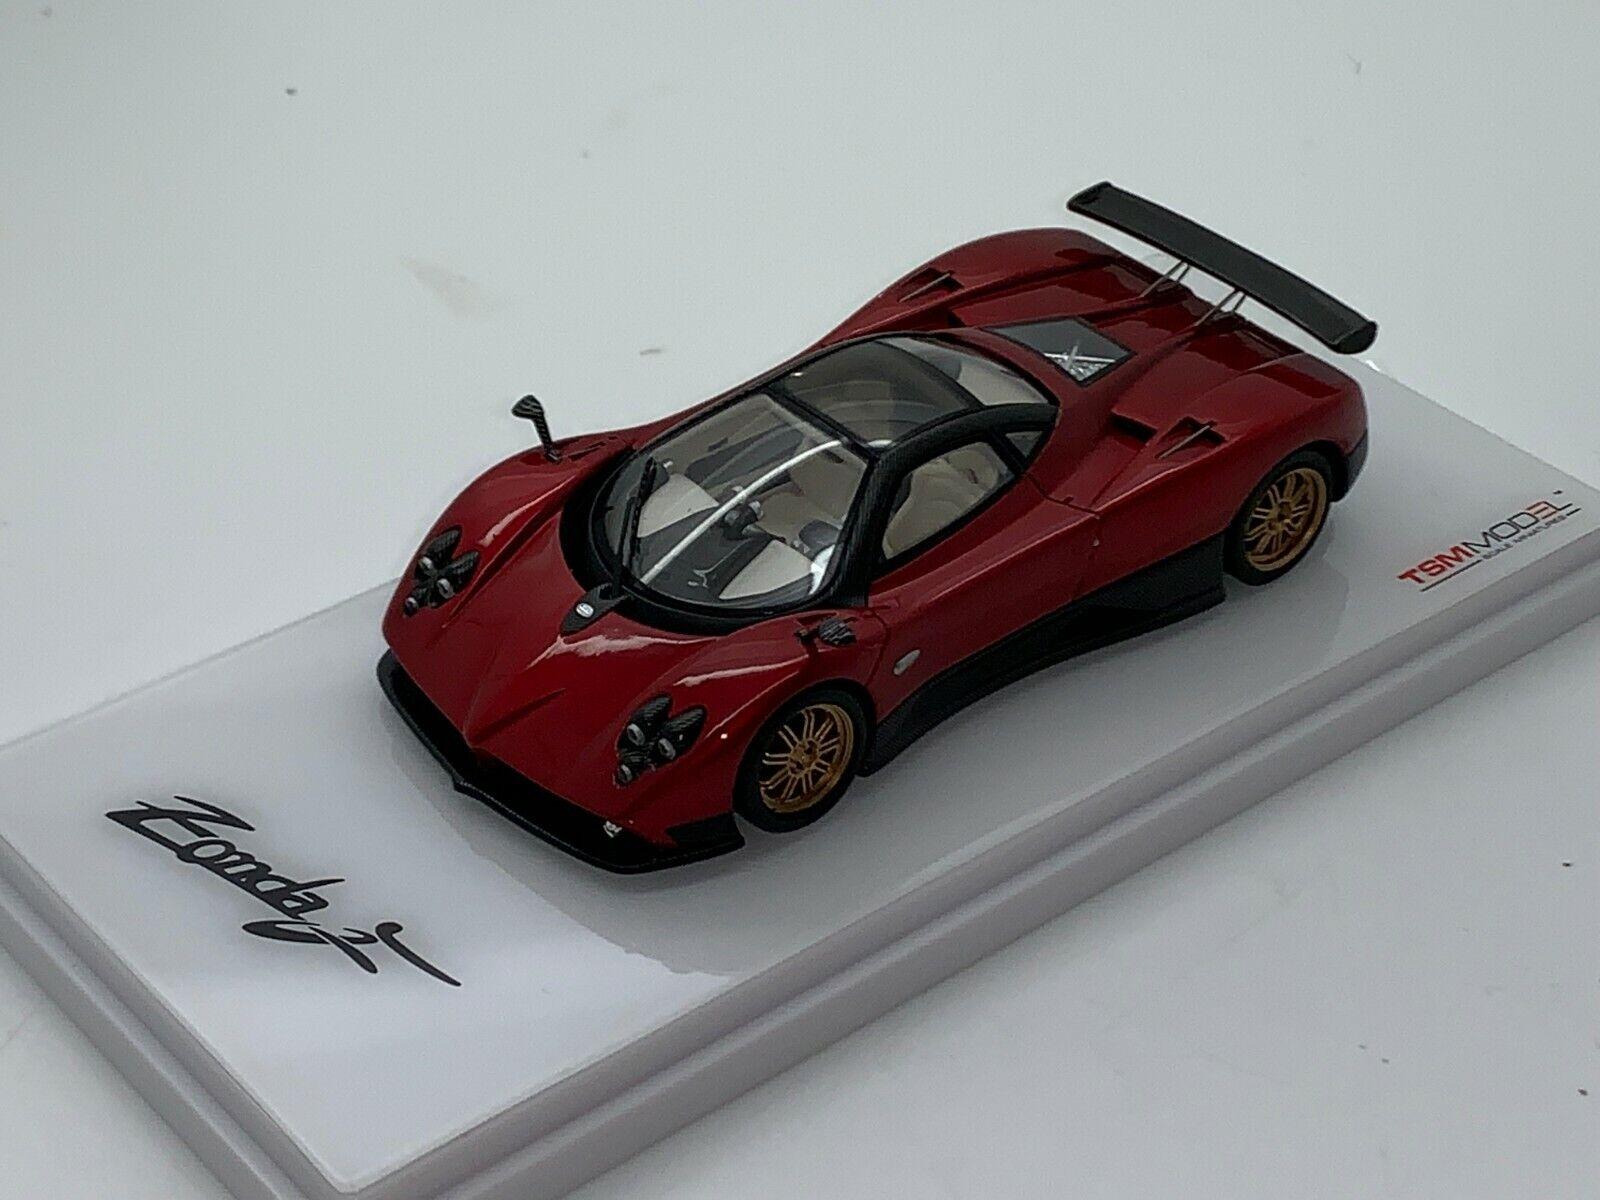 Nuevo 1 43 TSM TrueScale Pagani Zonda F V12 AMG Mercedes n Huayra S resinhandbuilt